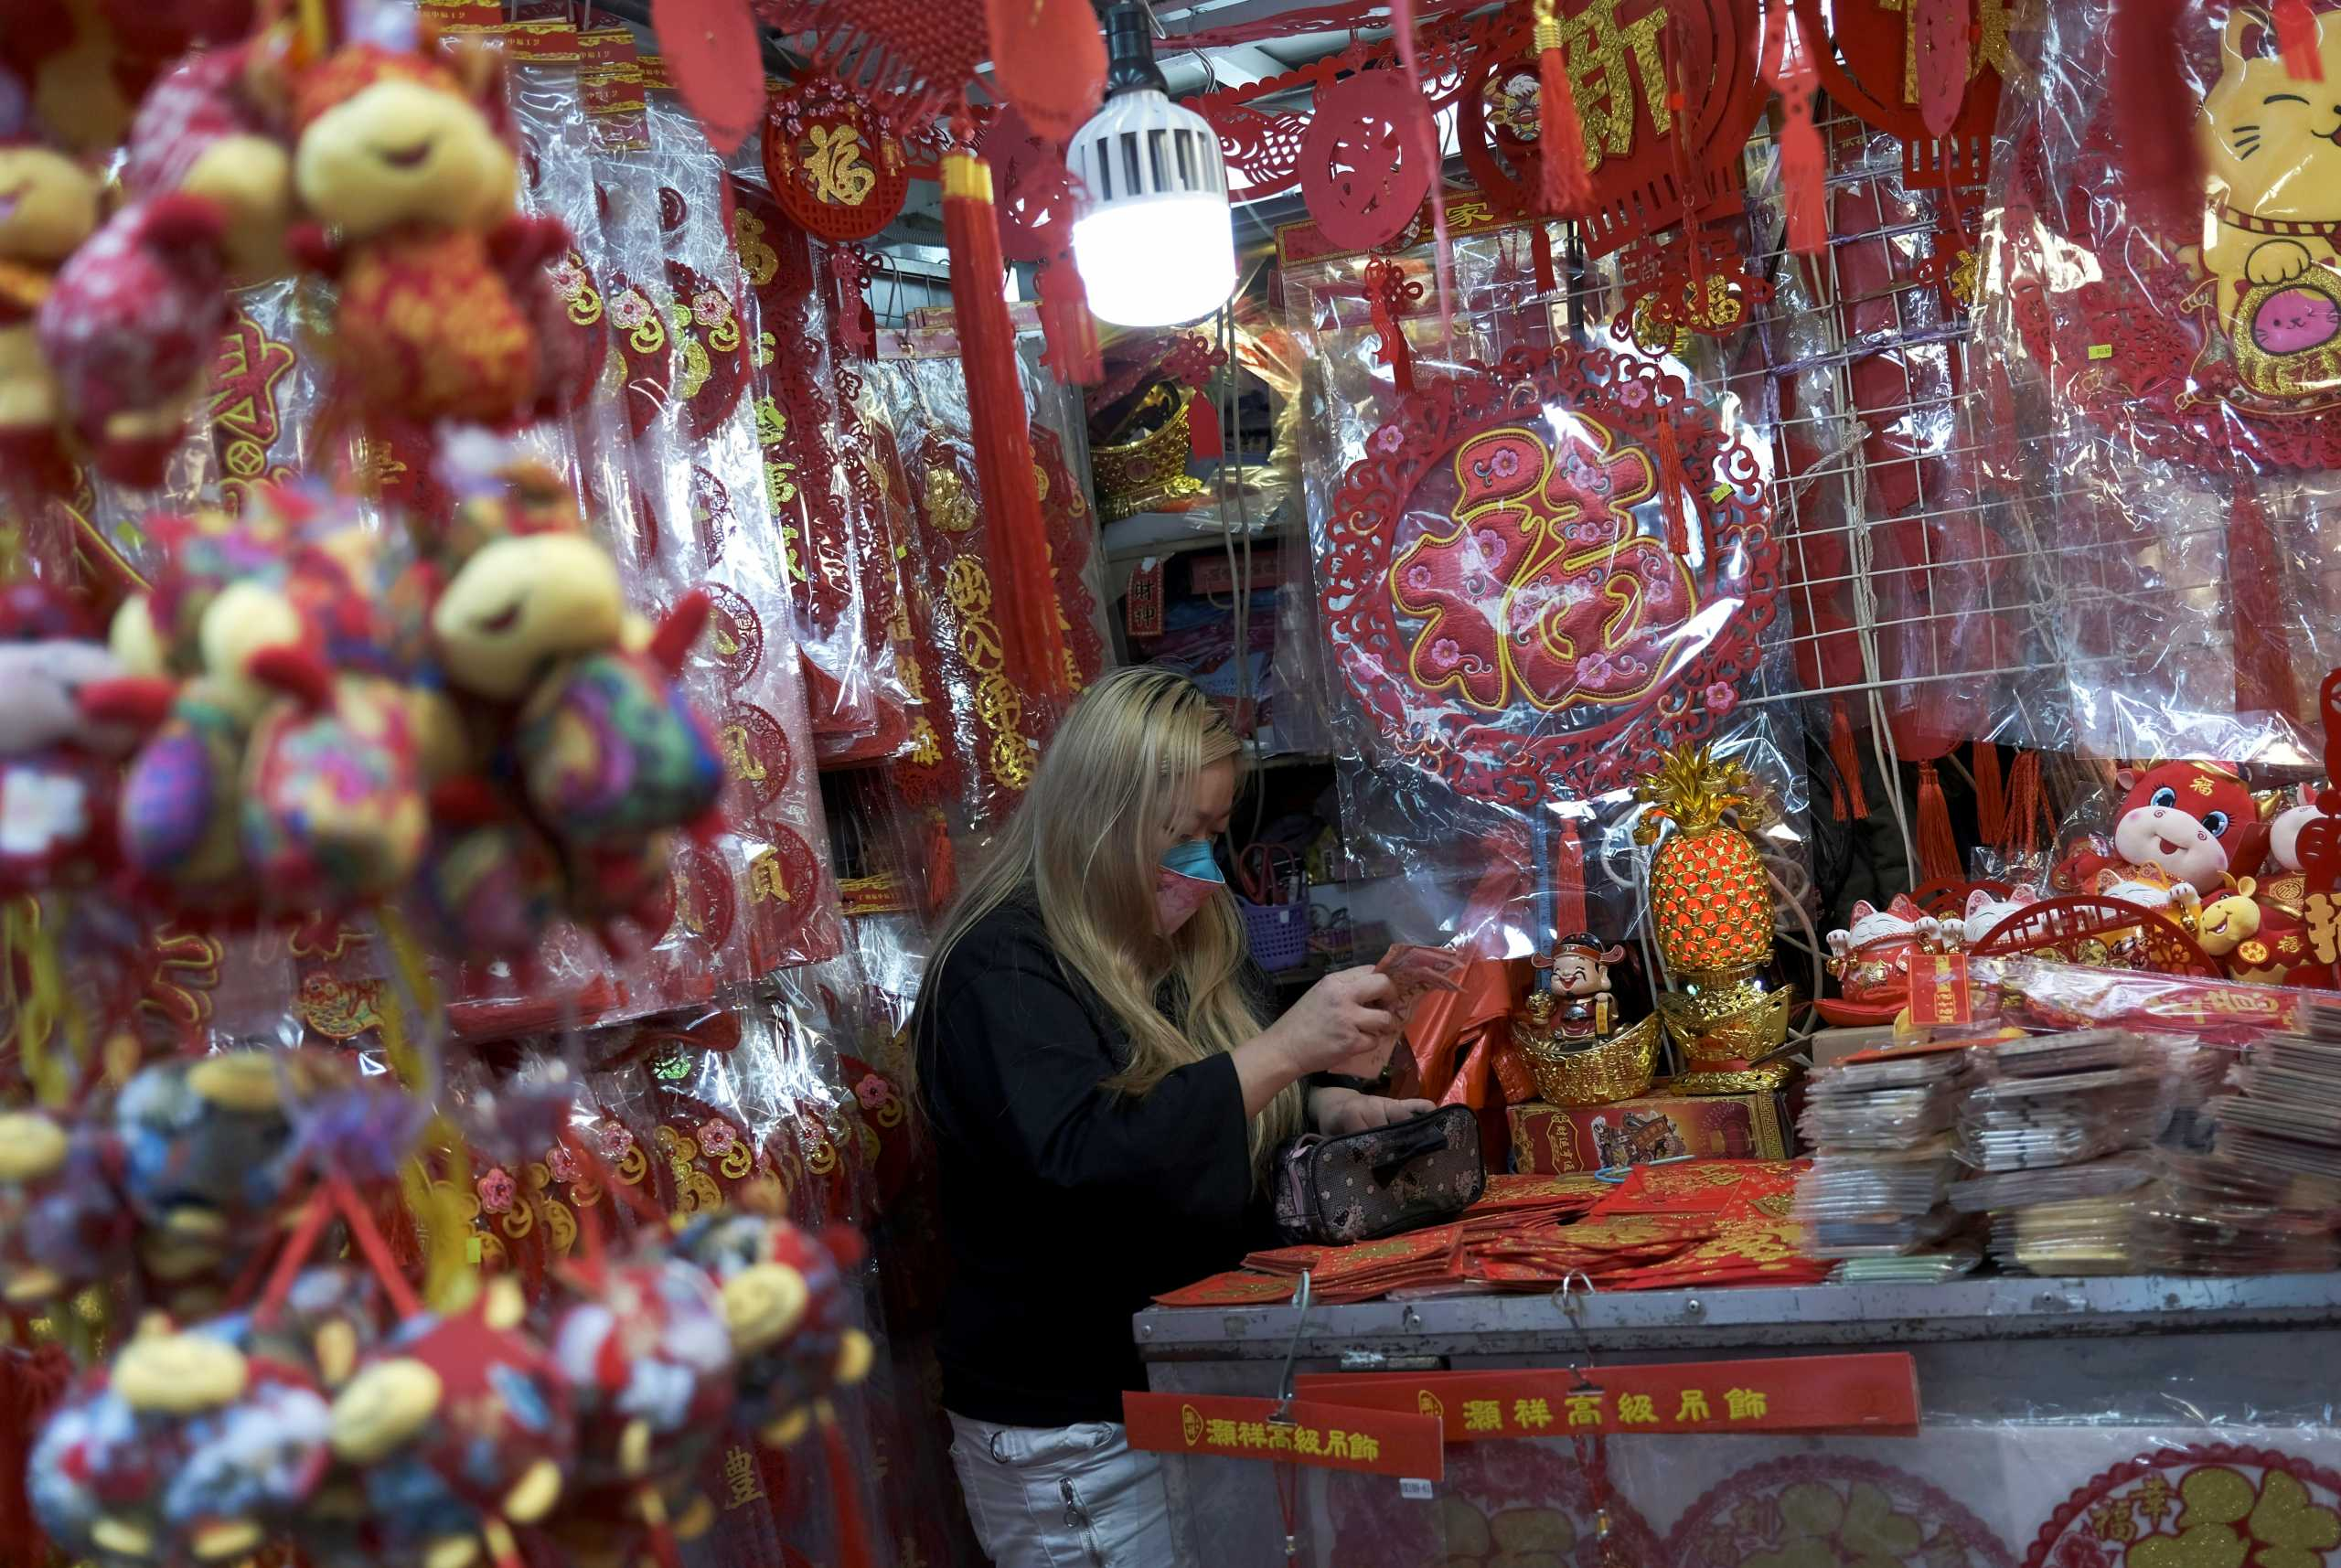 Κάνεις εμβόλιο, παίρνεις κουπόνι για ψώνια στο Πεκίνο